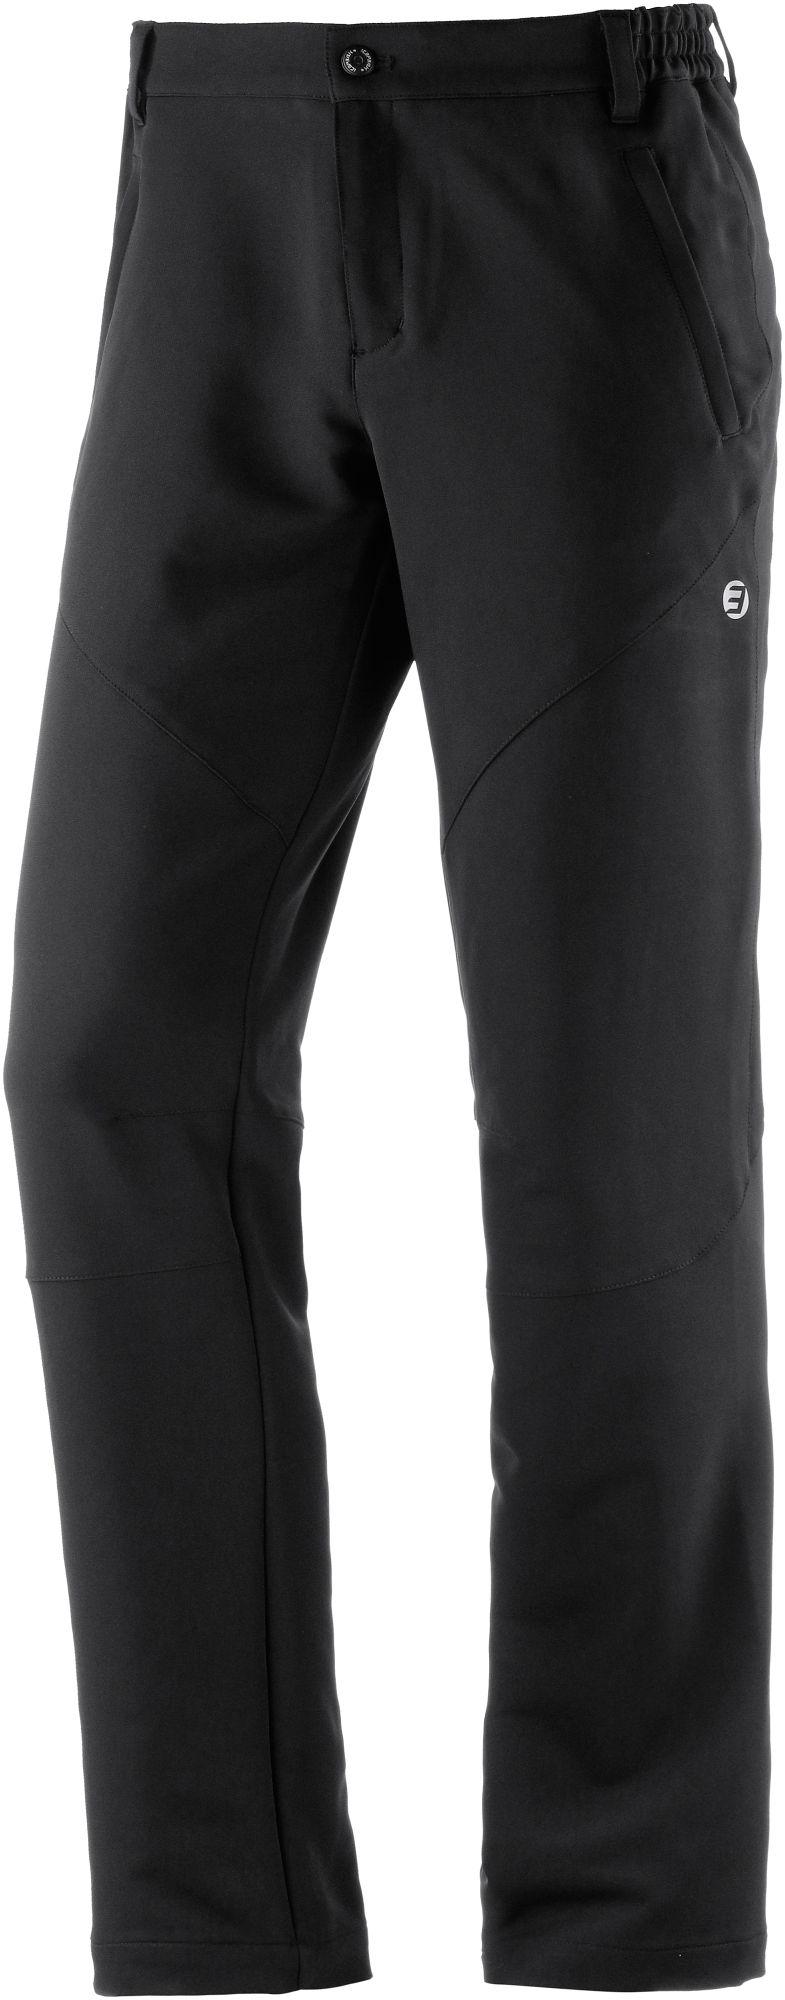 Loki Softshellhose Herren in schwarz, Größe 52